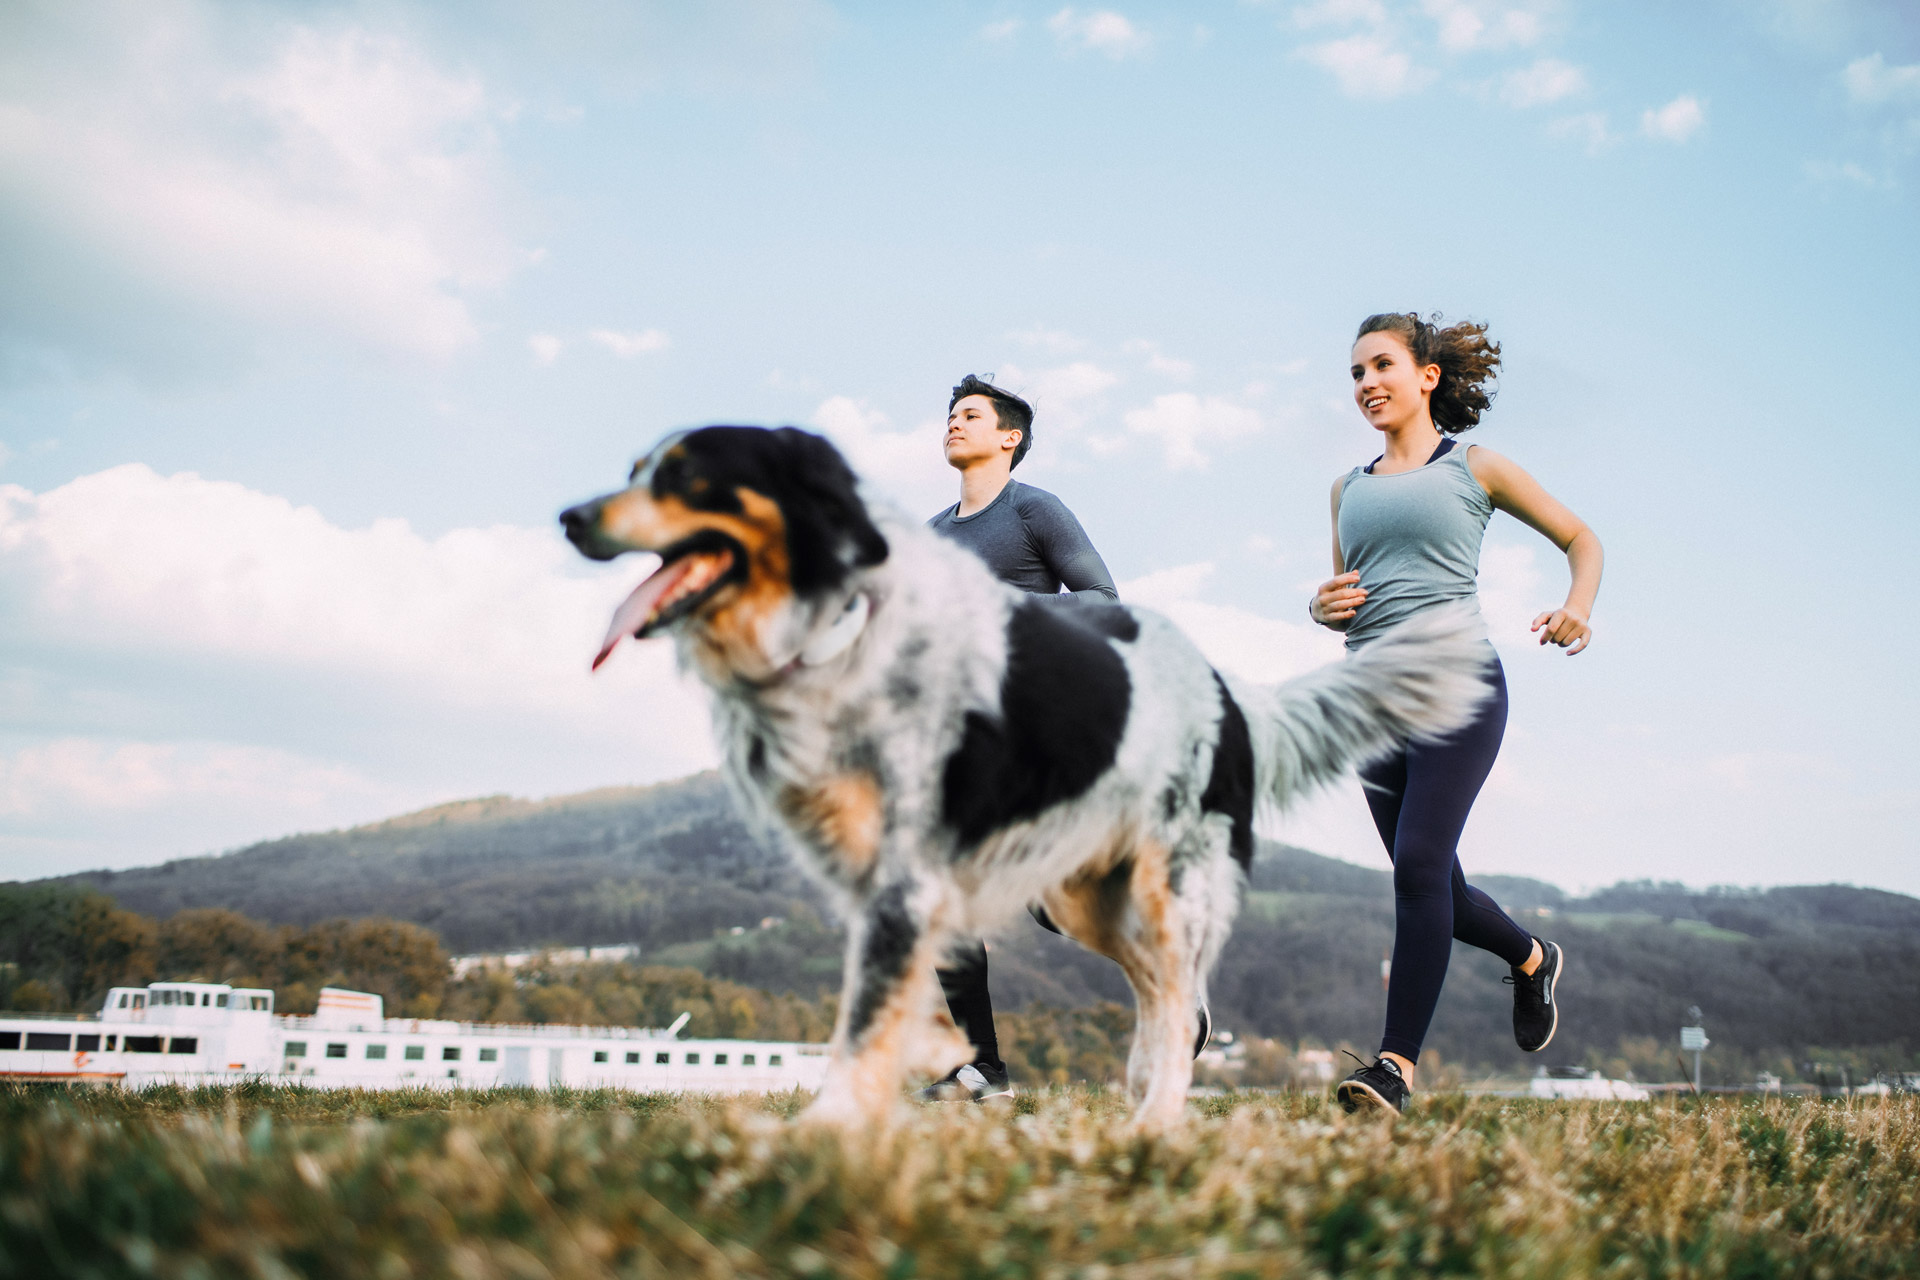 Zwei joggende Menschen laufen mit dreifärbigem Hund durch die Natur